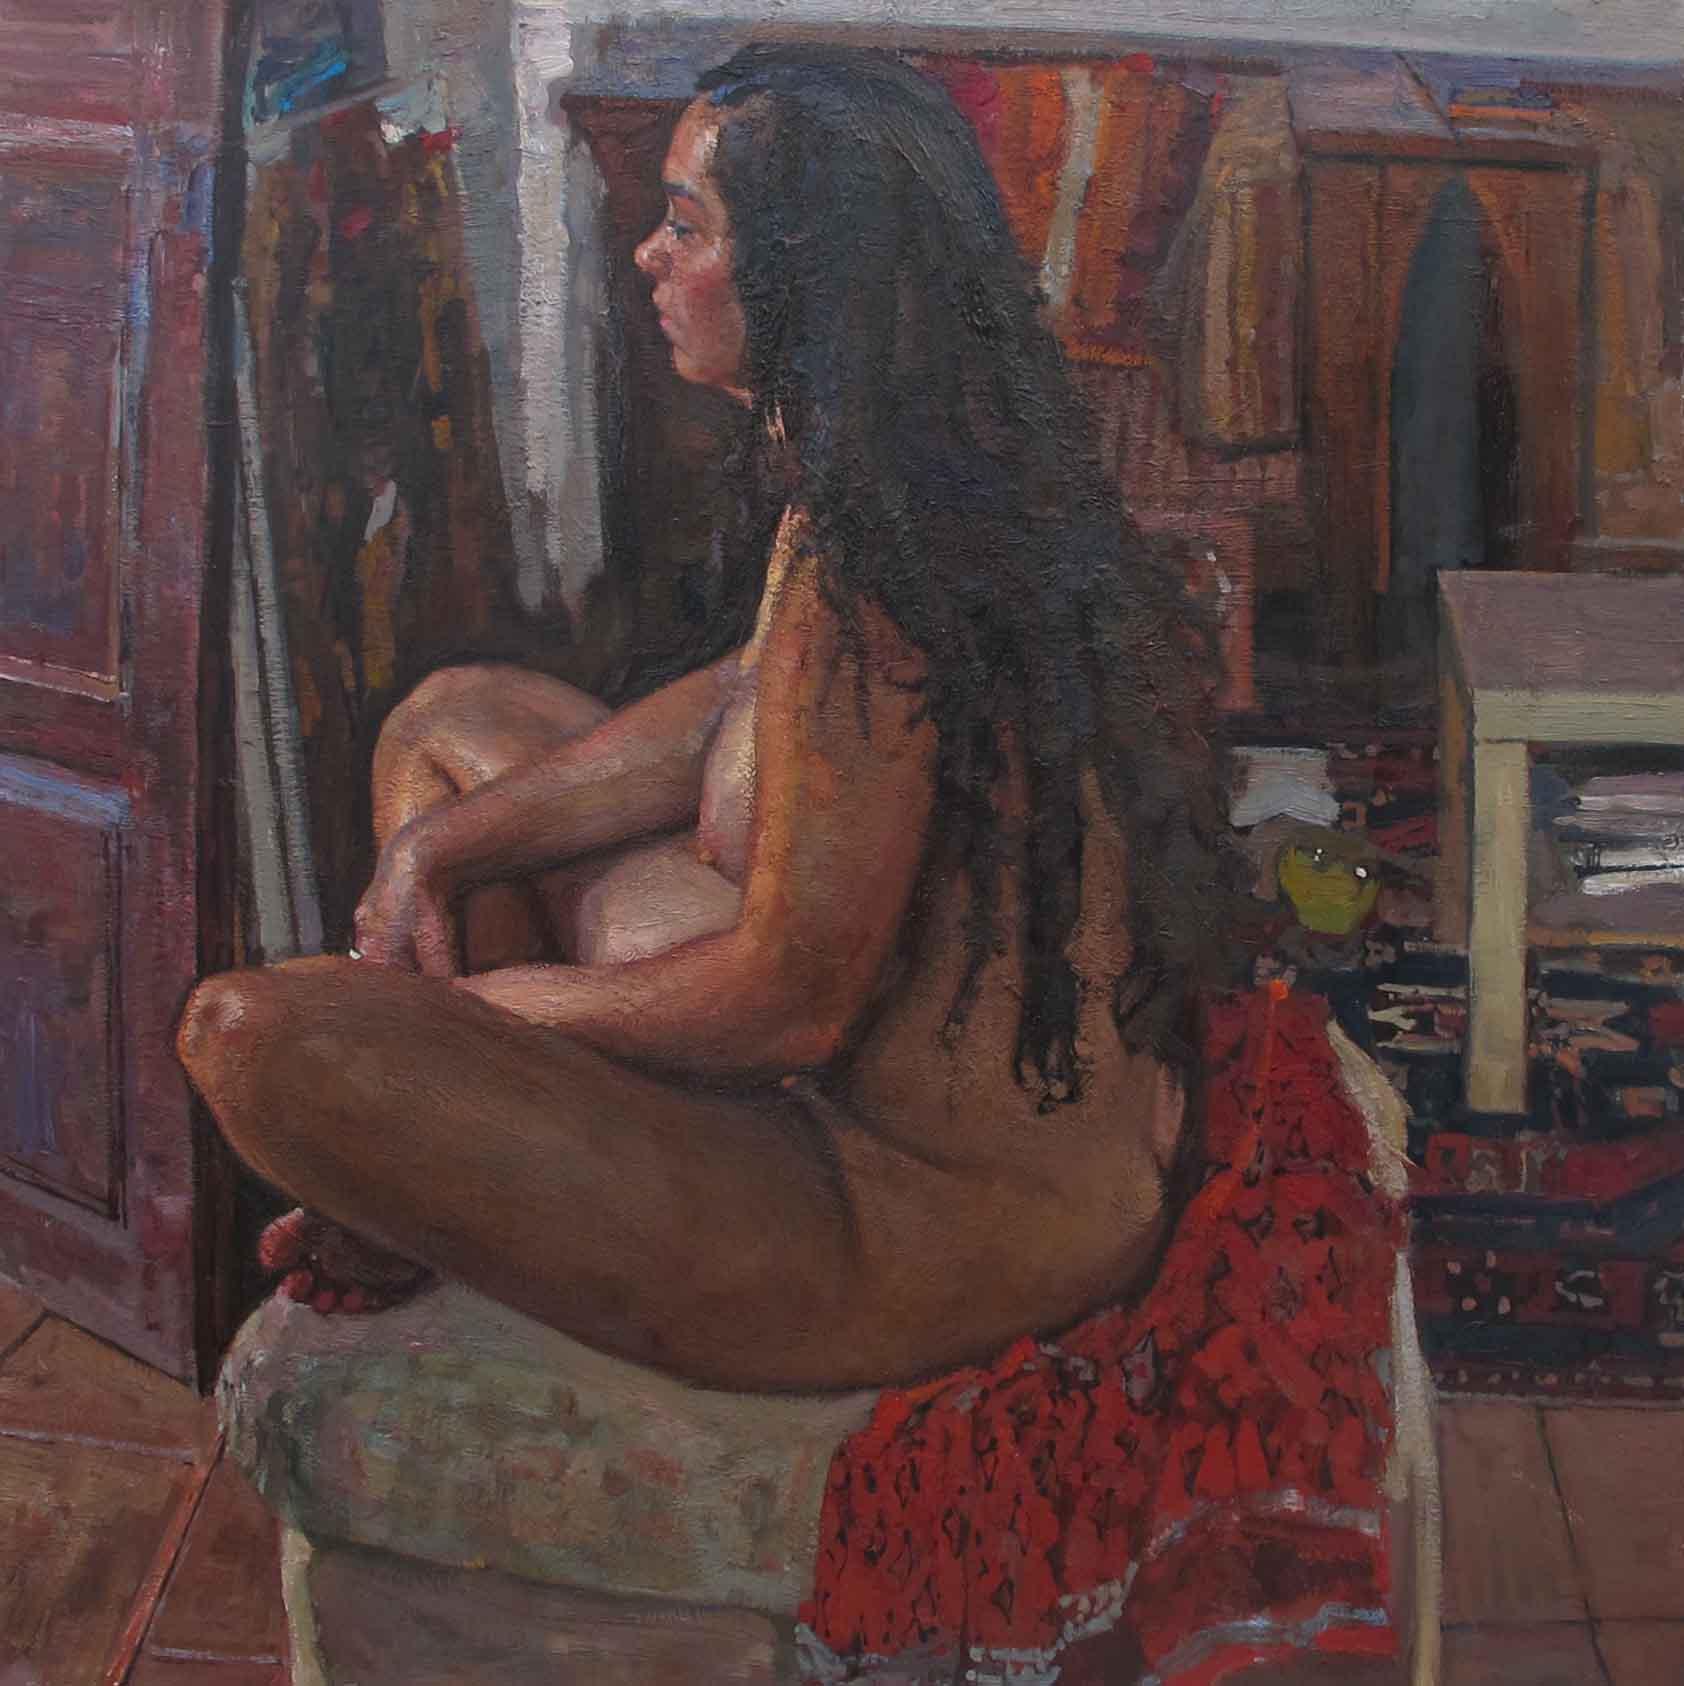 Through the Open Door by  Daud Akhriev - Masterpiece Online